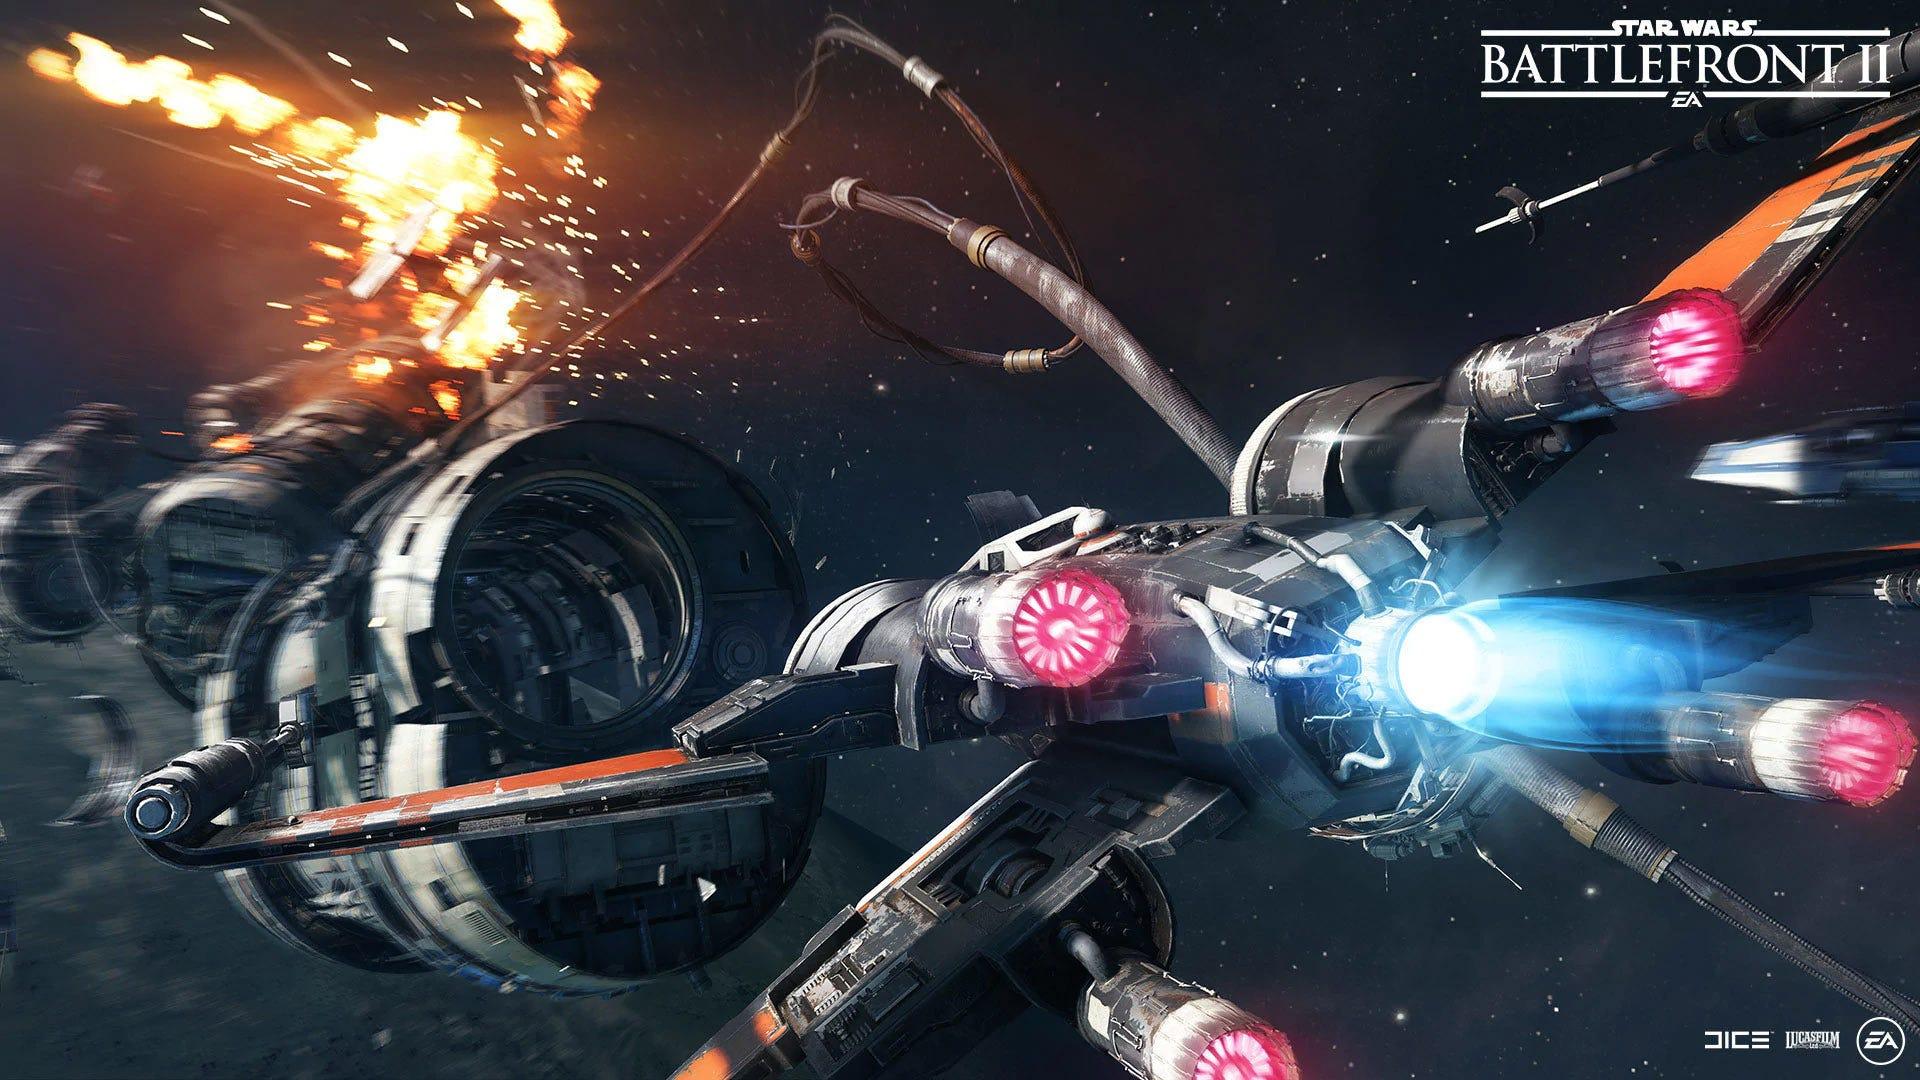 Battlefront II promotional image